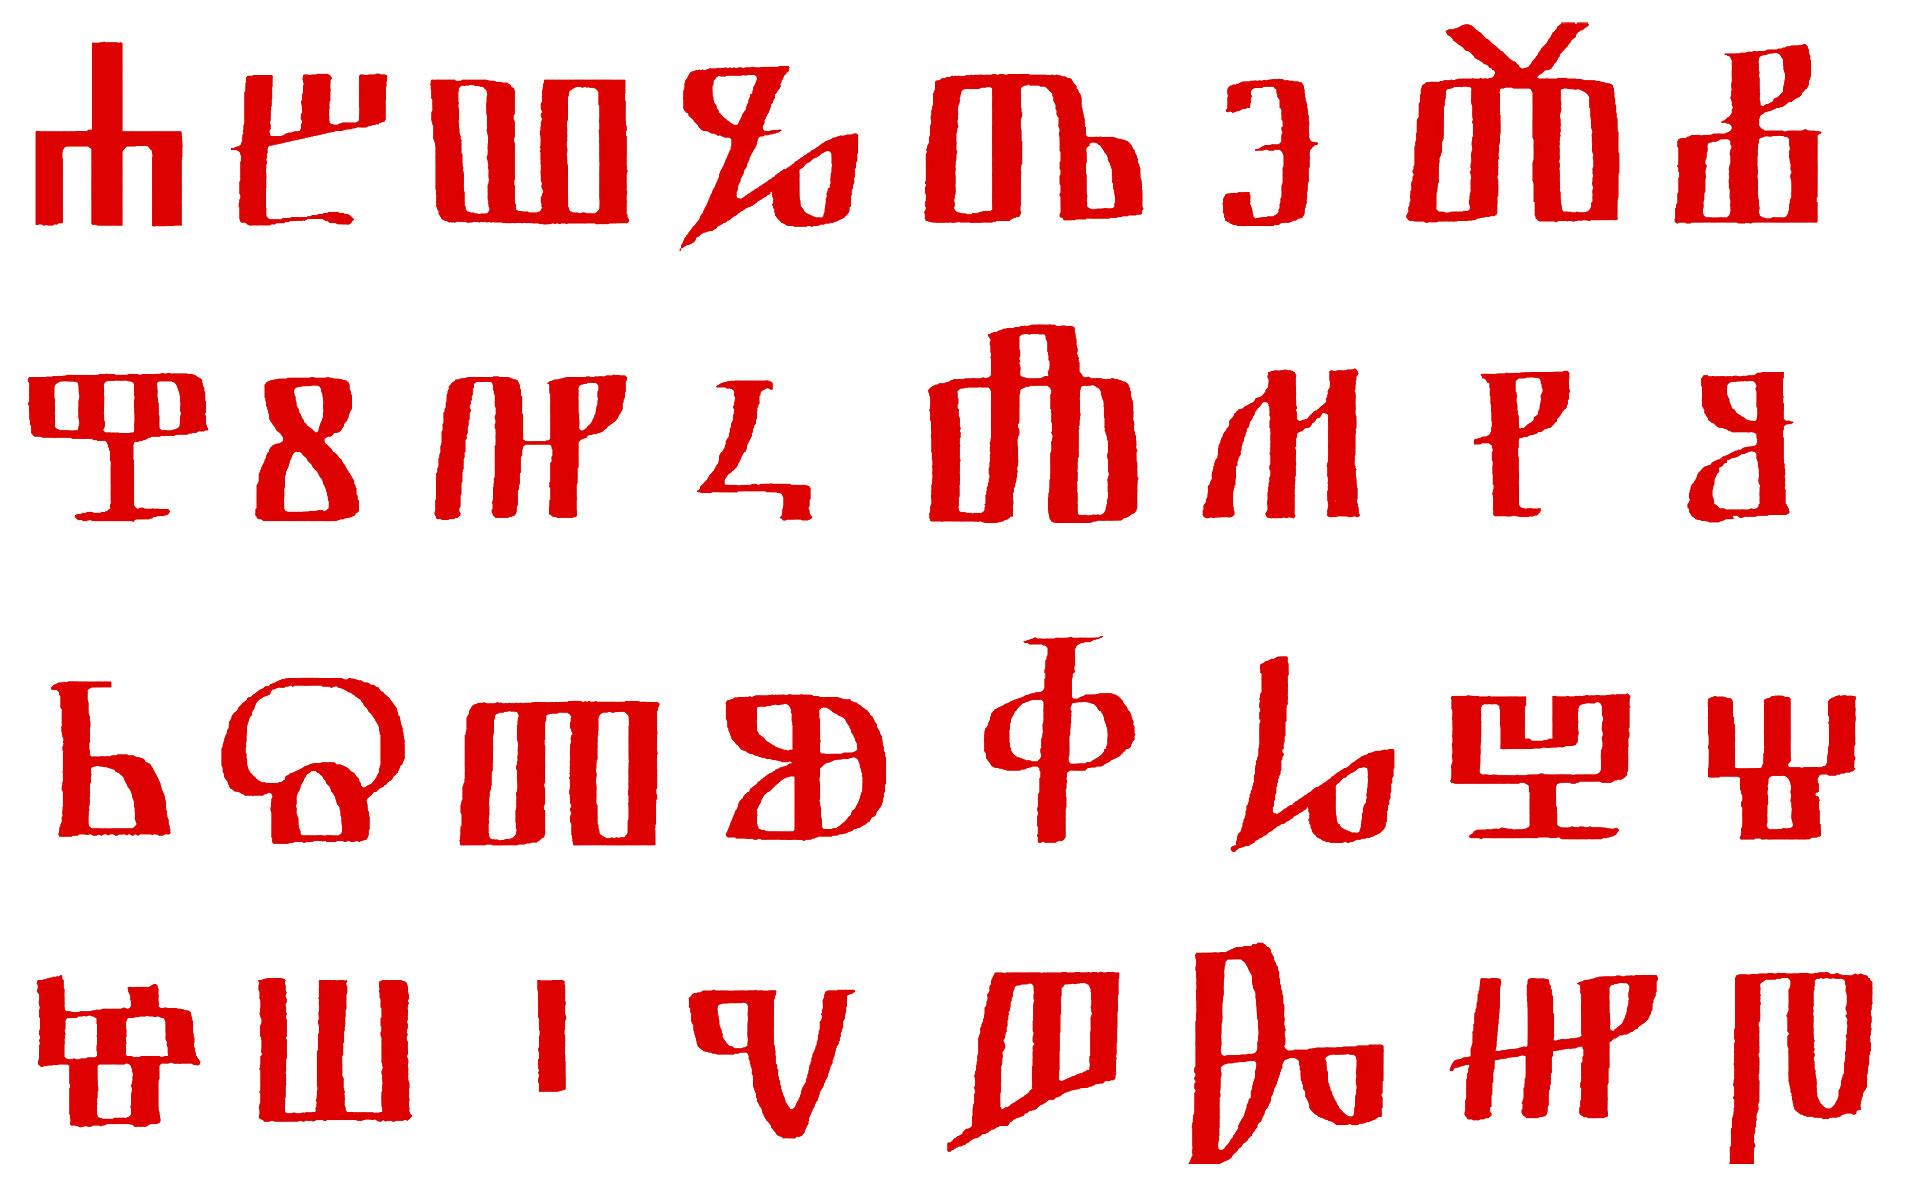 glagoljica/example